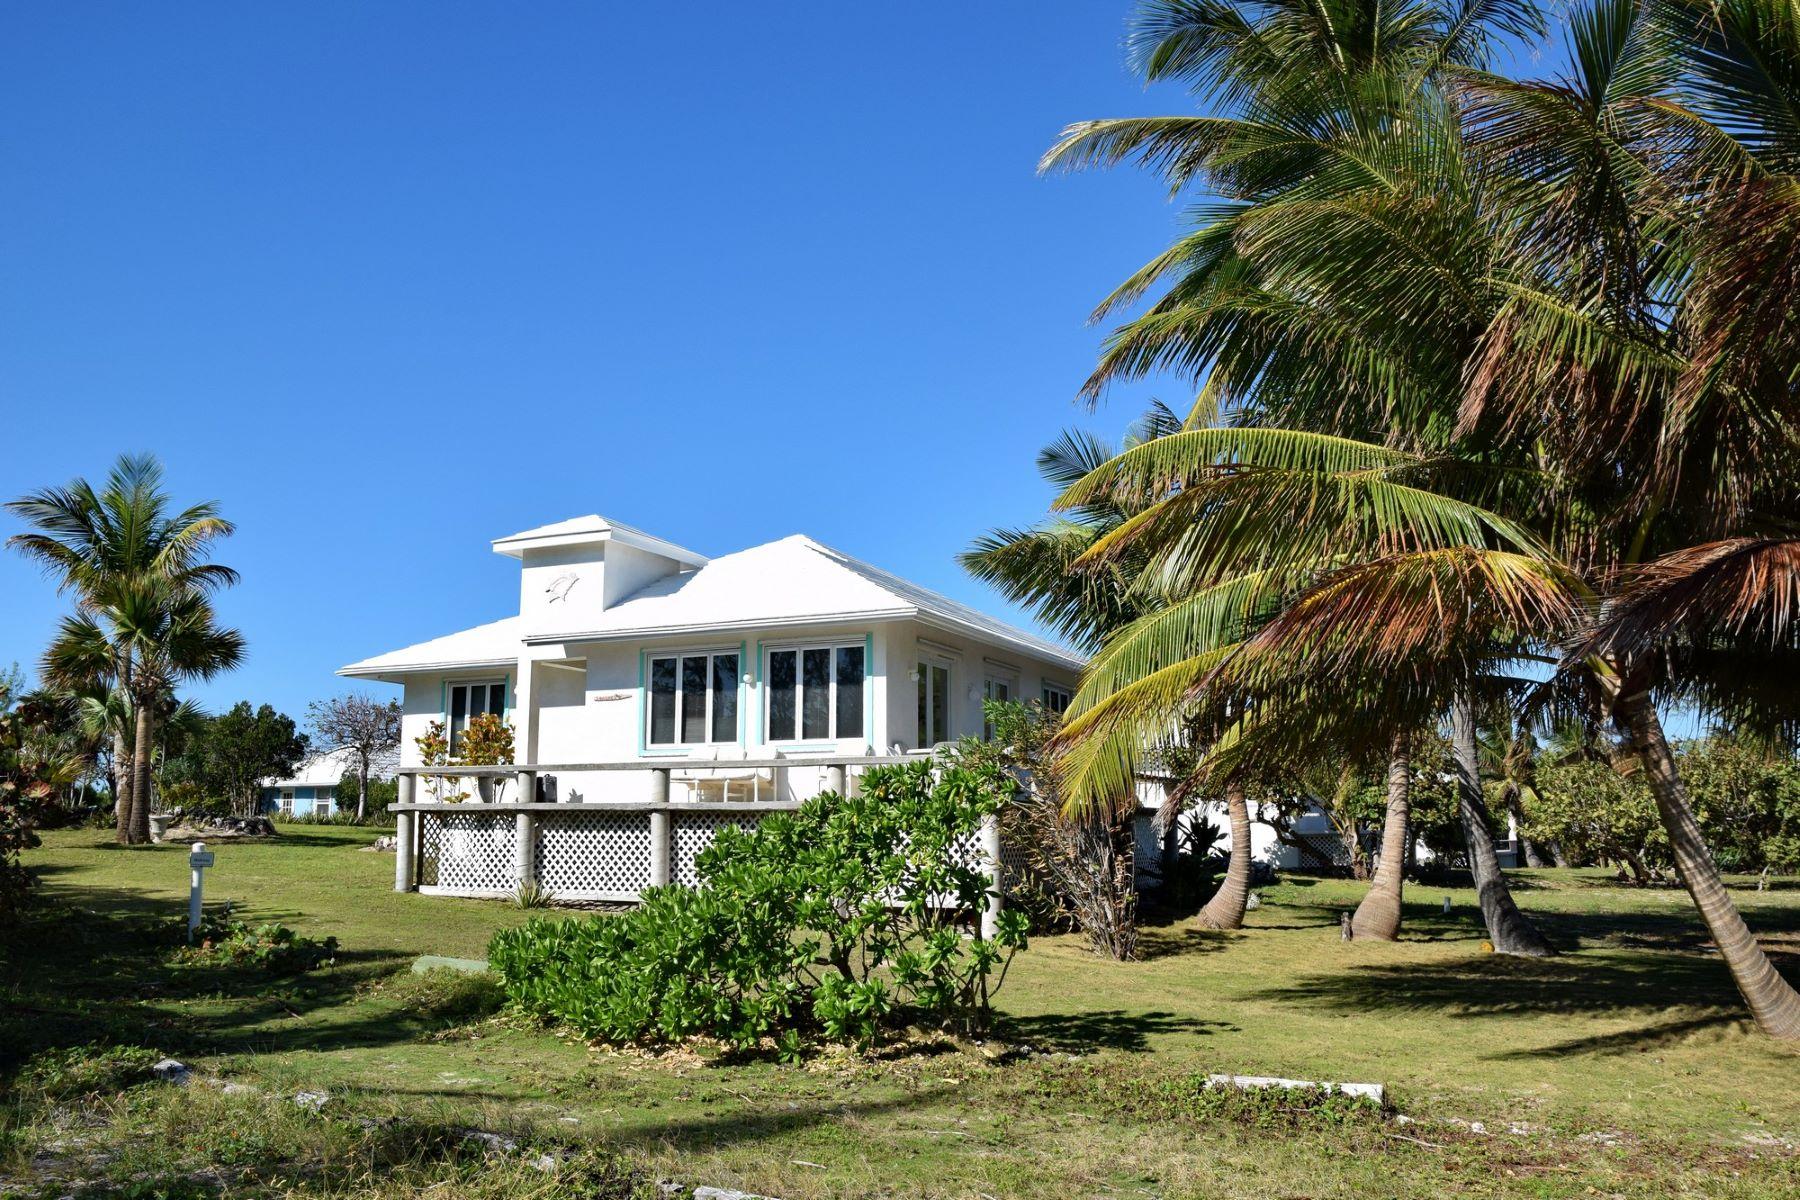 Propiedad en venta Green Turtle Cay